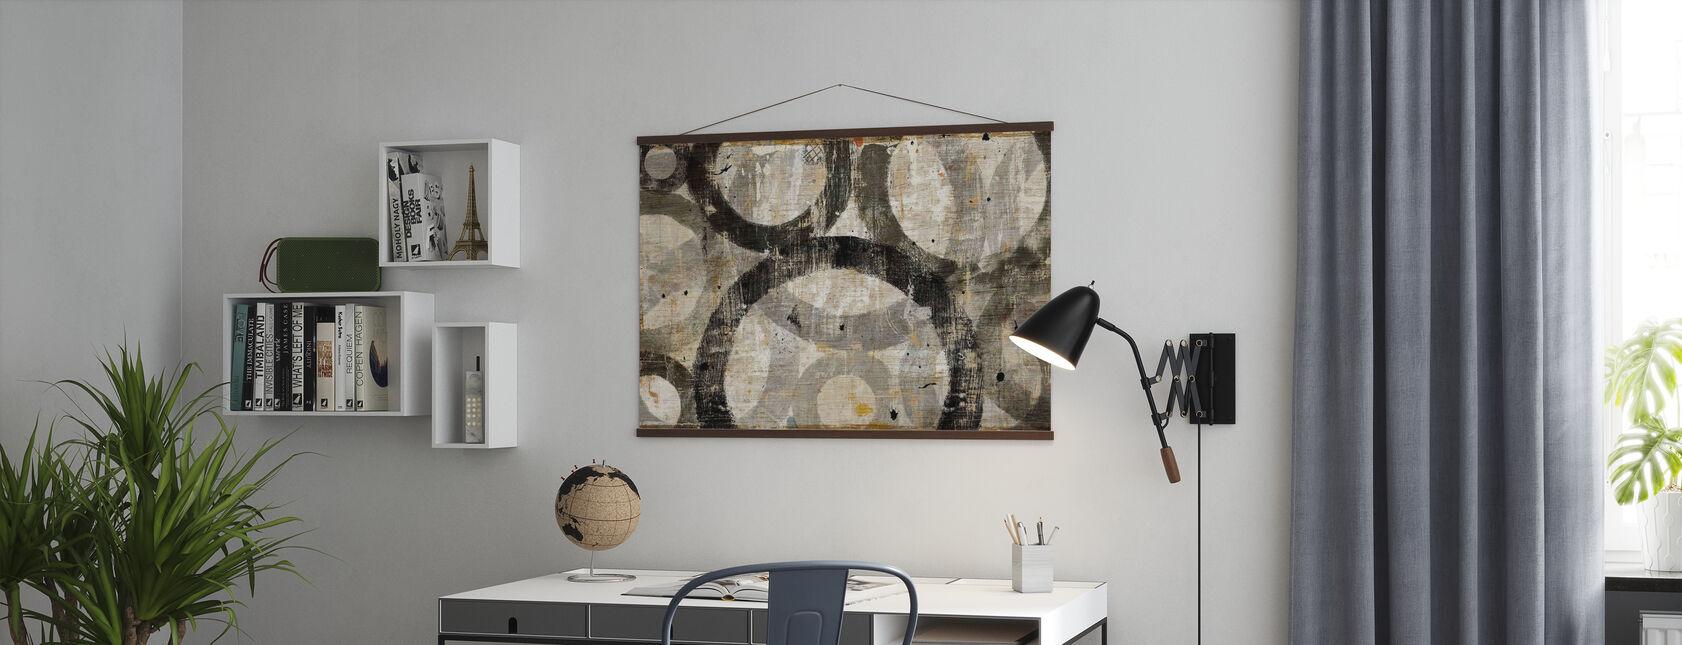 Industriella cirklar - Poster - Kontor